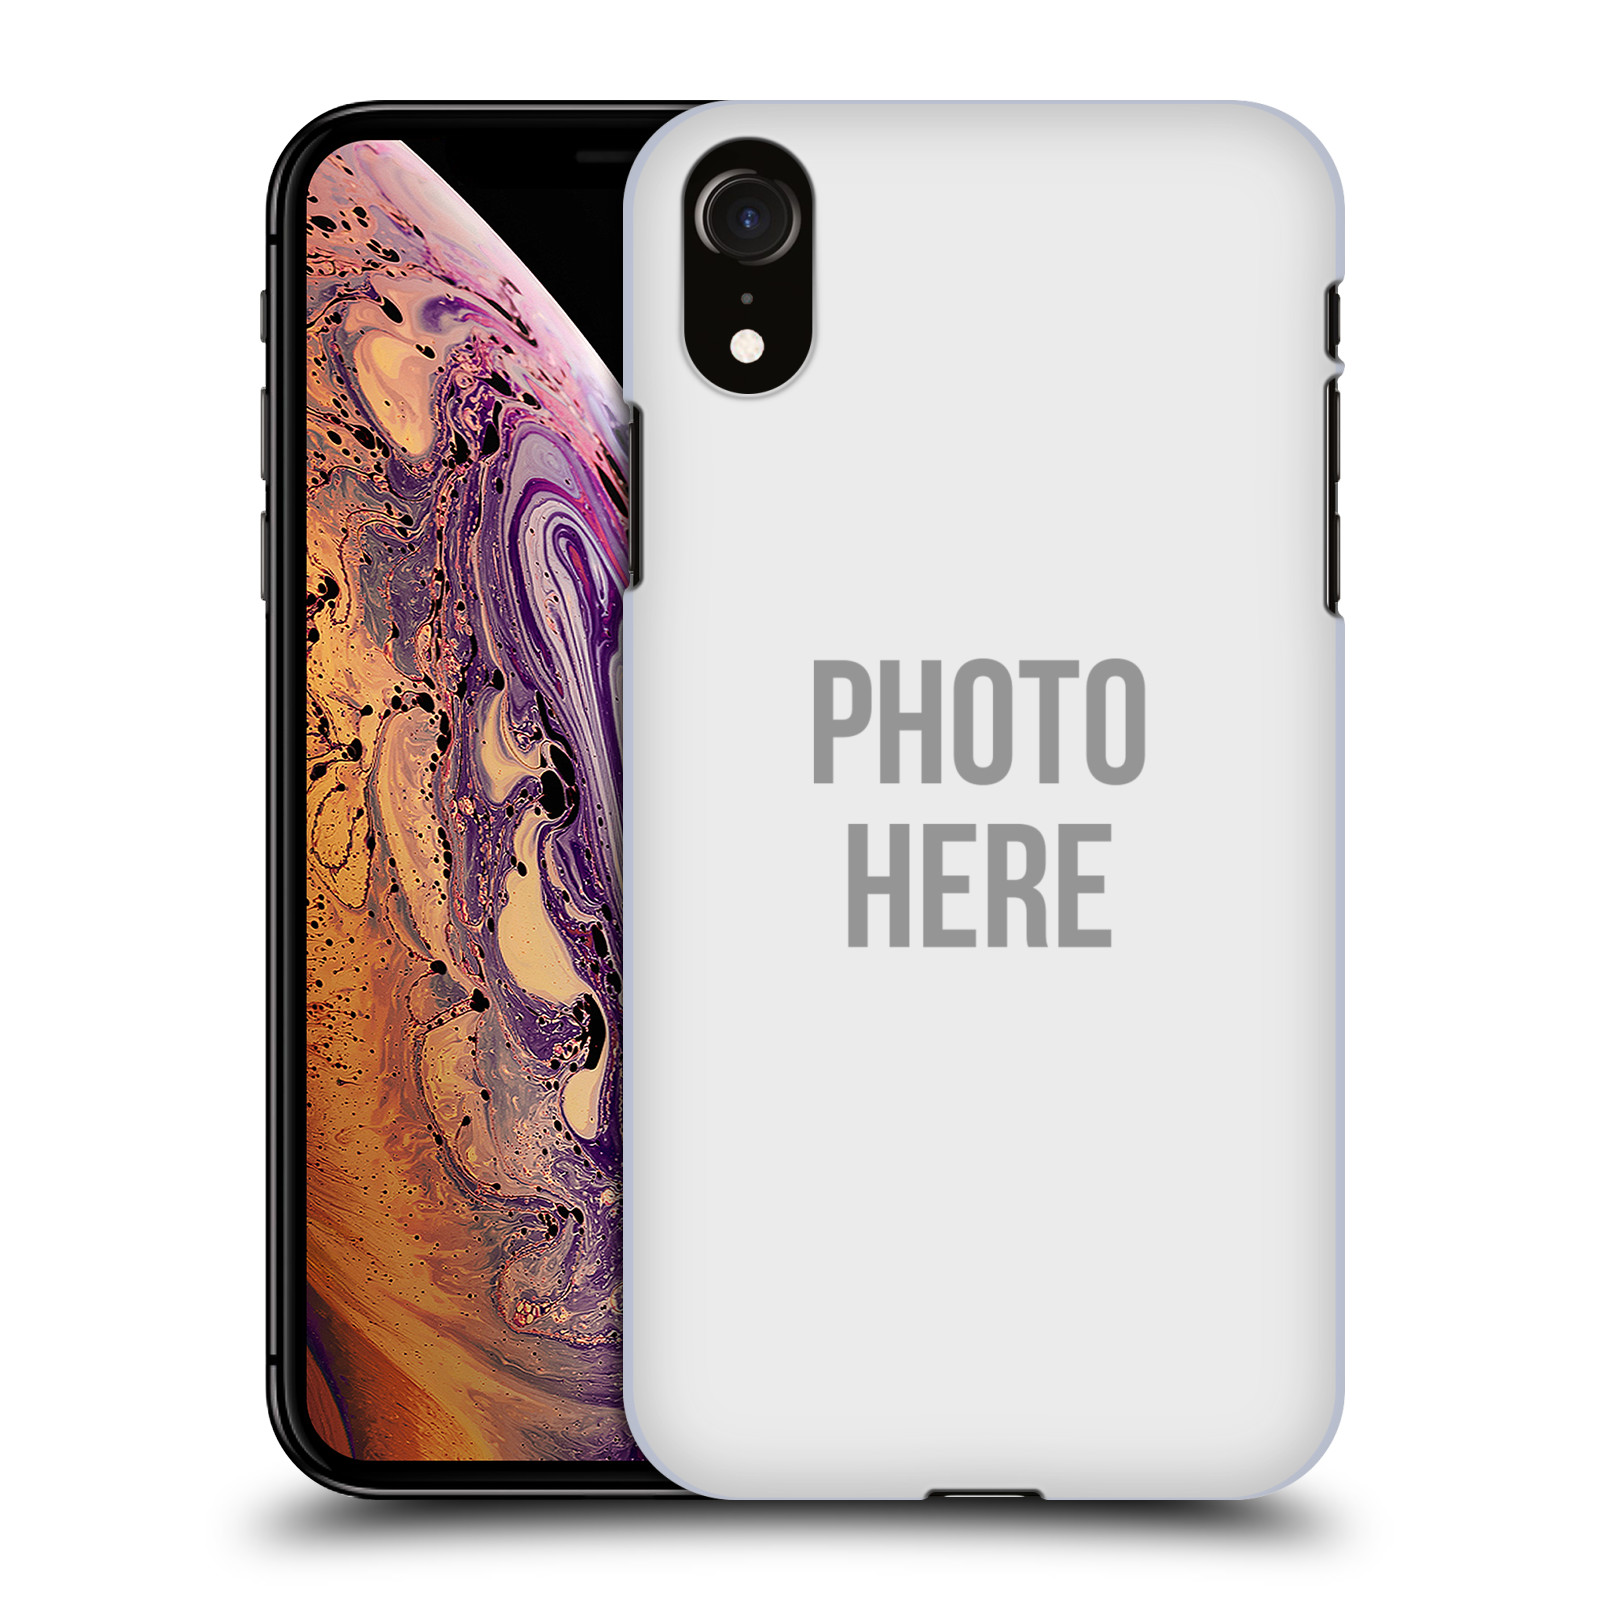 Plastové pouzdro na mobil Apple iPhone XR - Head Case - s vlastním motivem